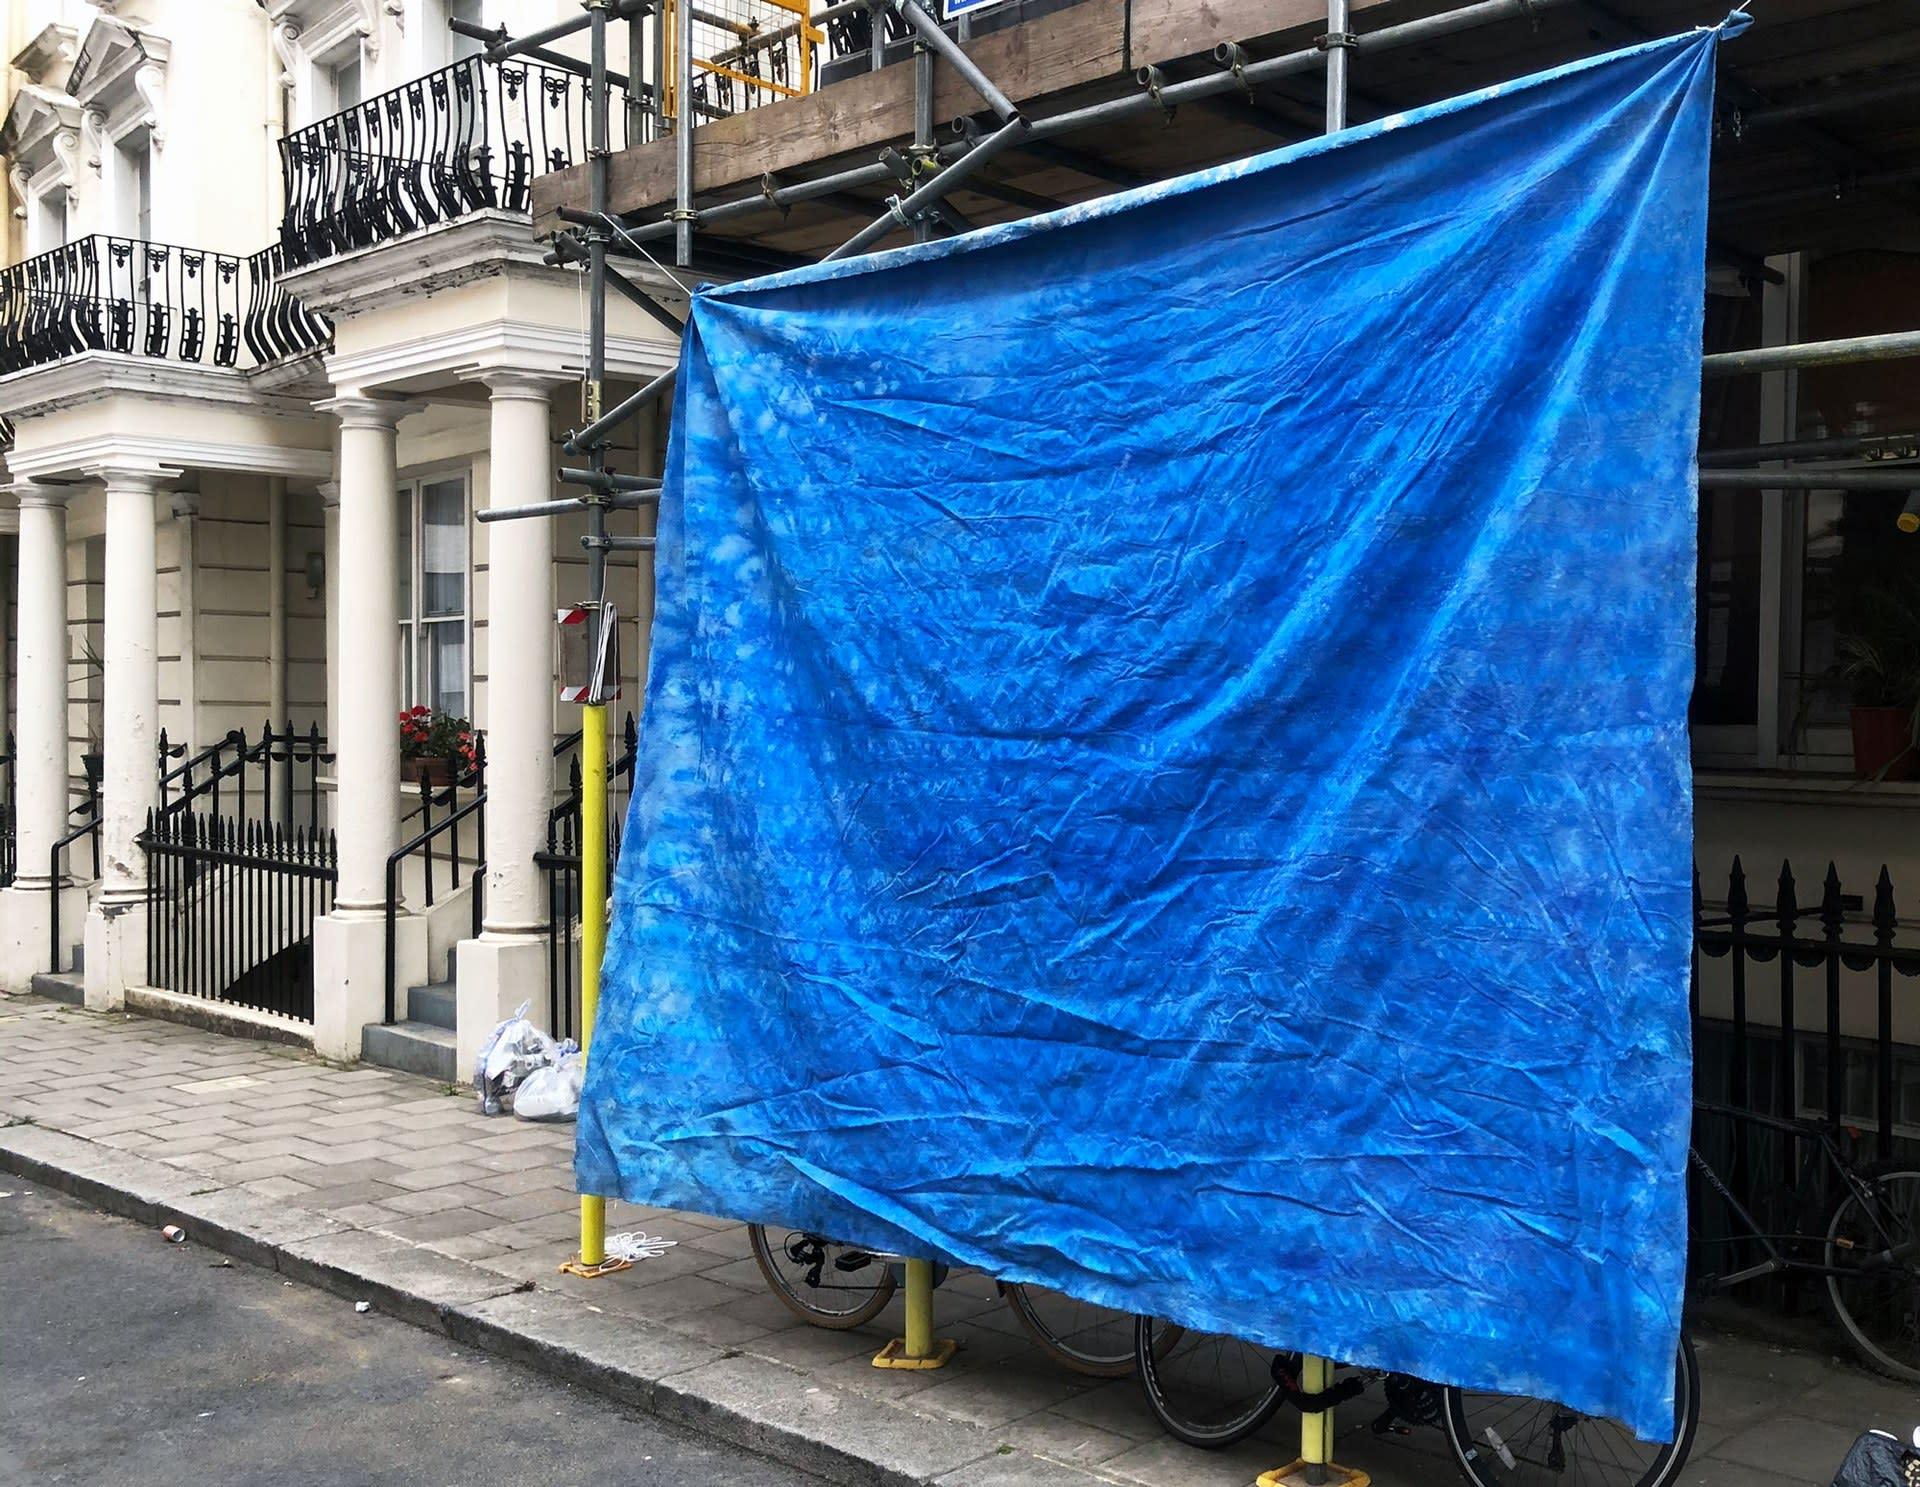 Blue (Quarantine Outdoor Monochrome)